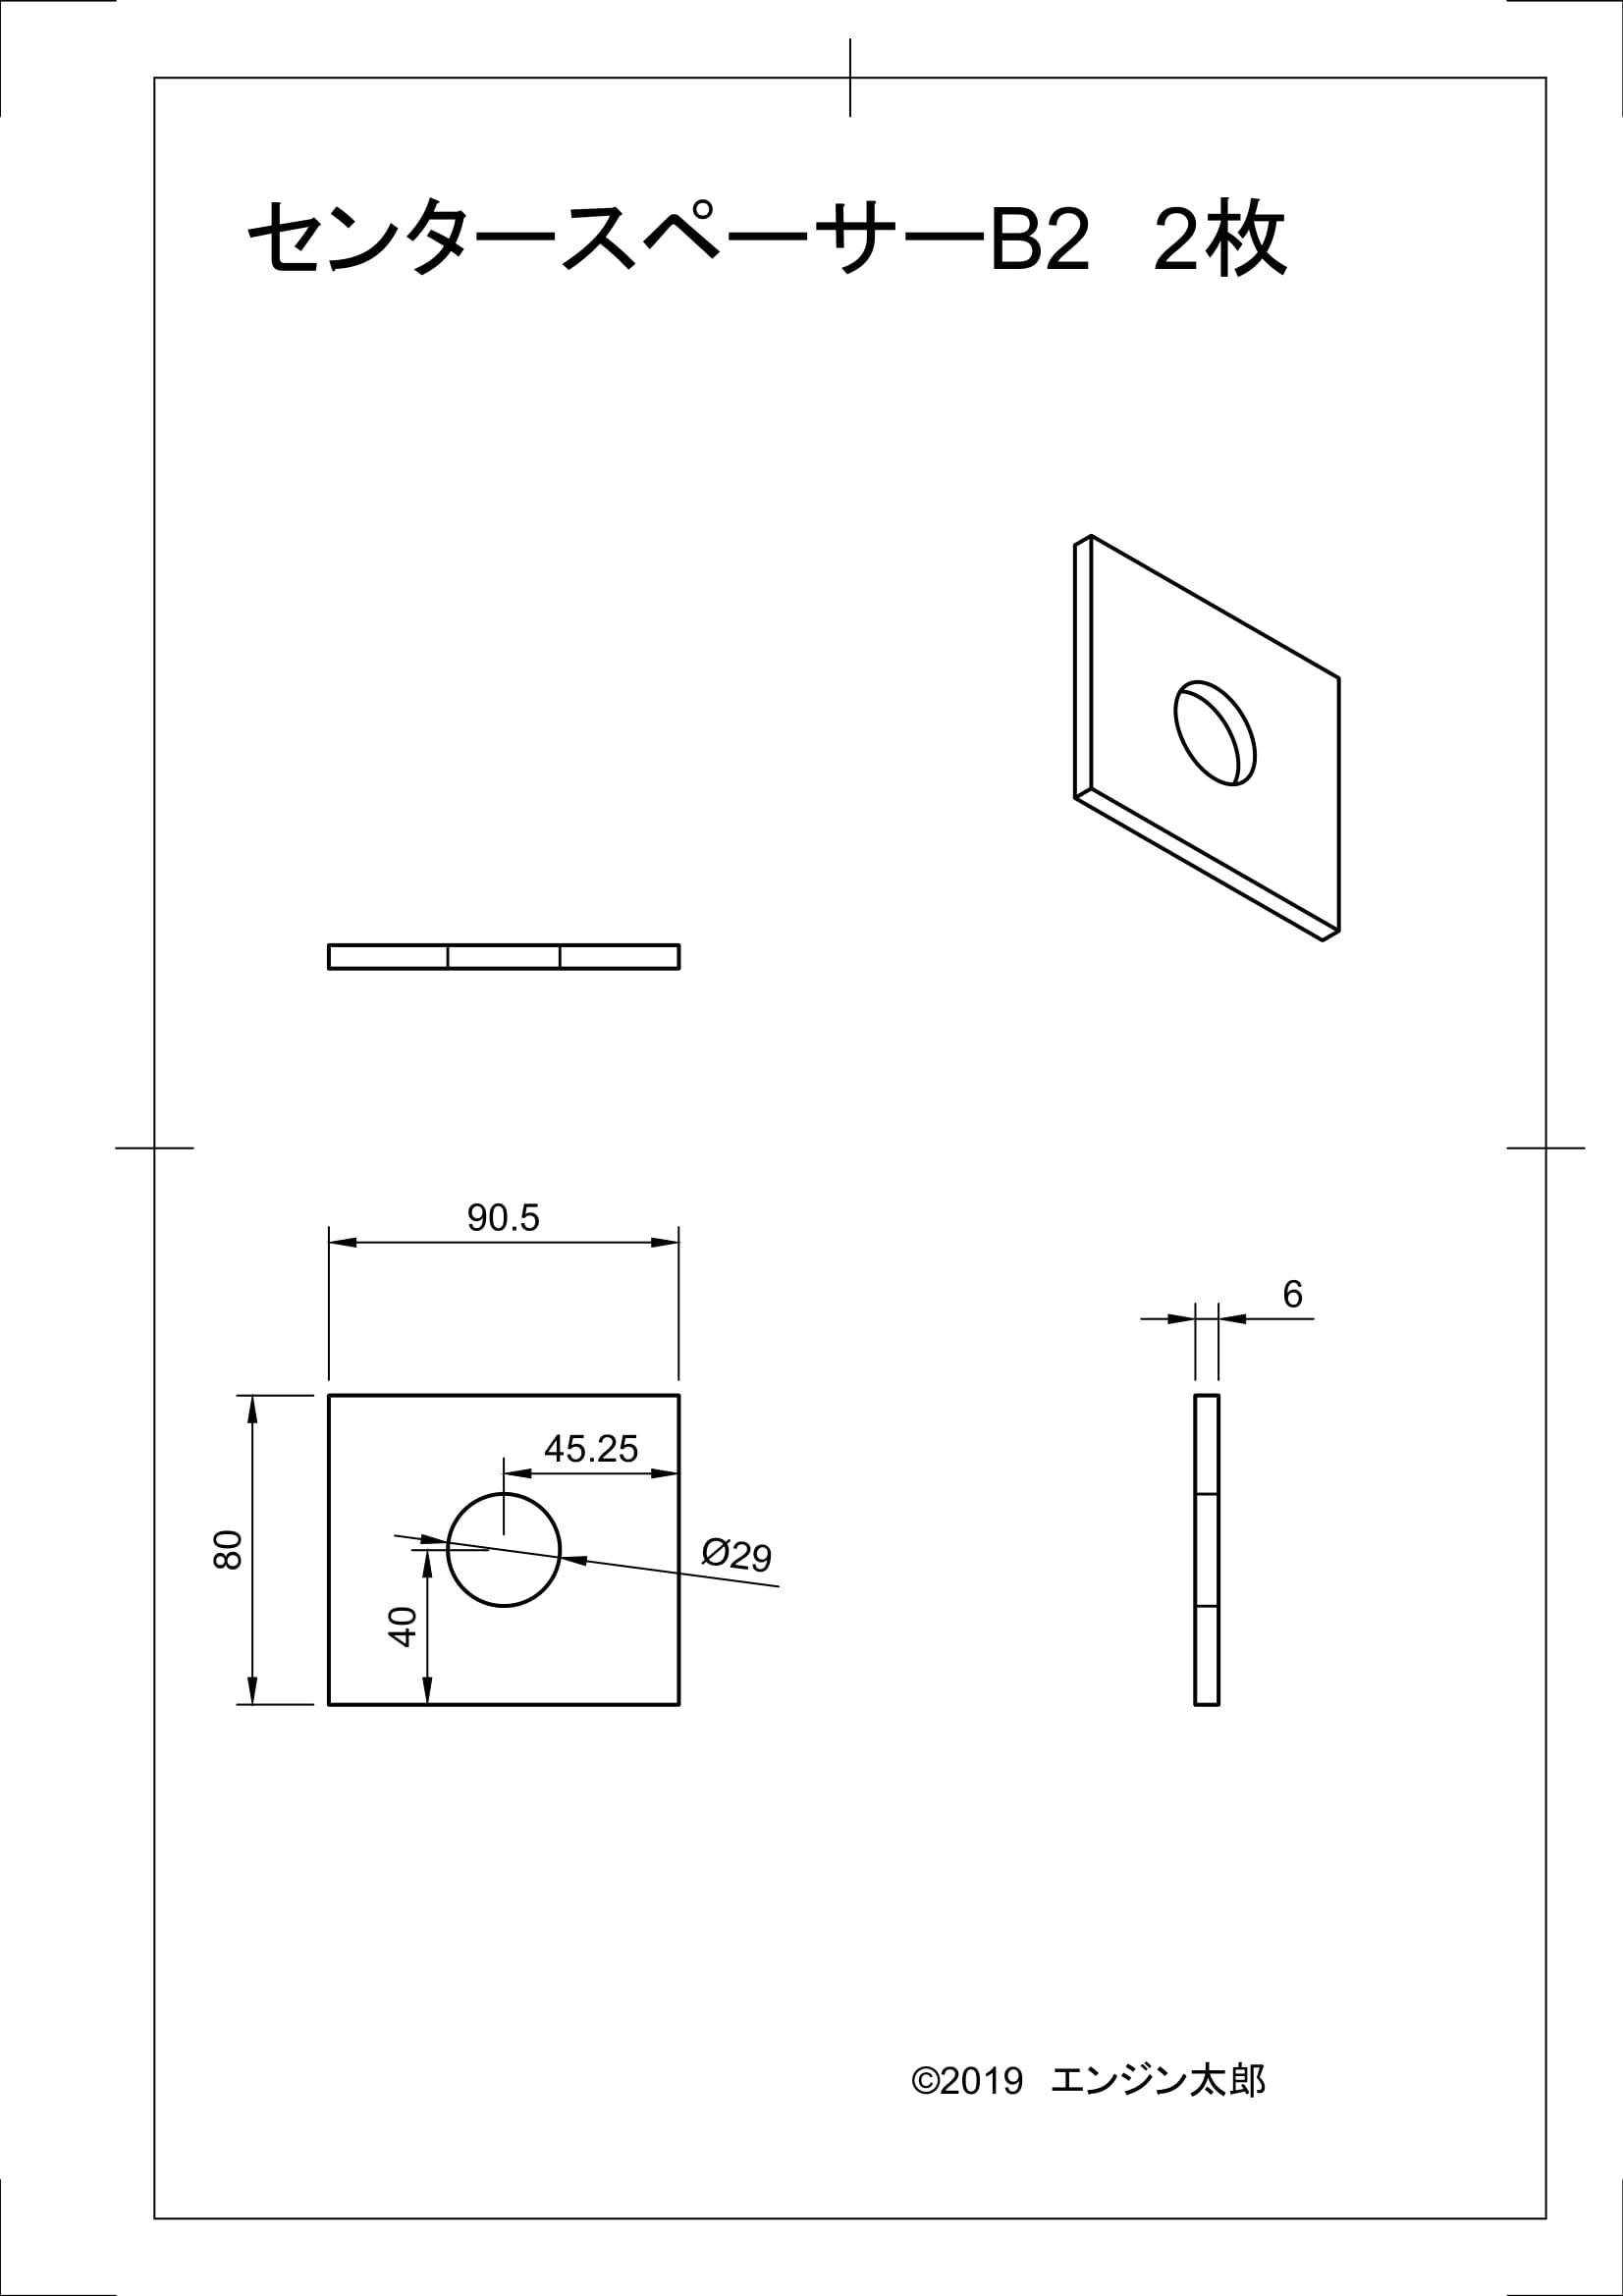 26チューブローラー2_センタースペーサーB2 図面-1